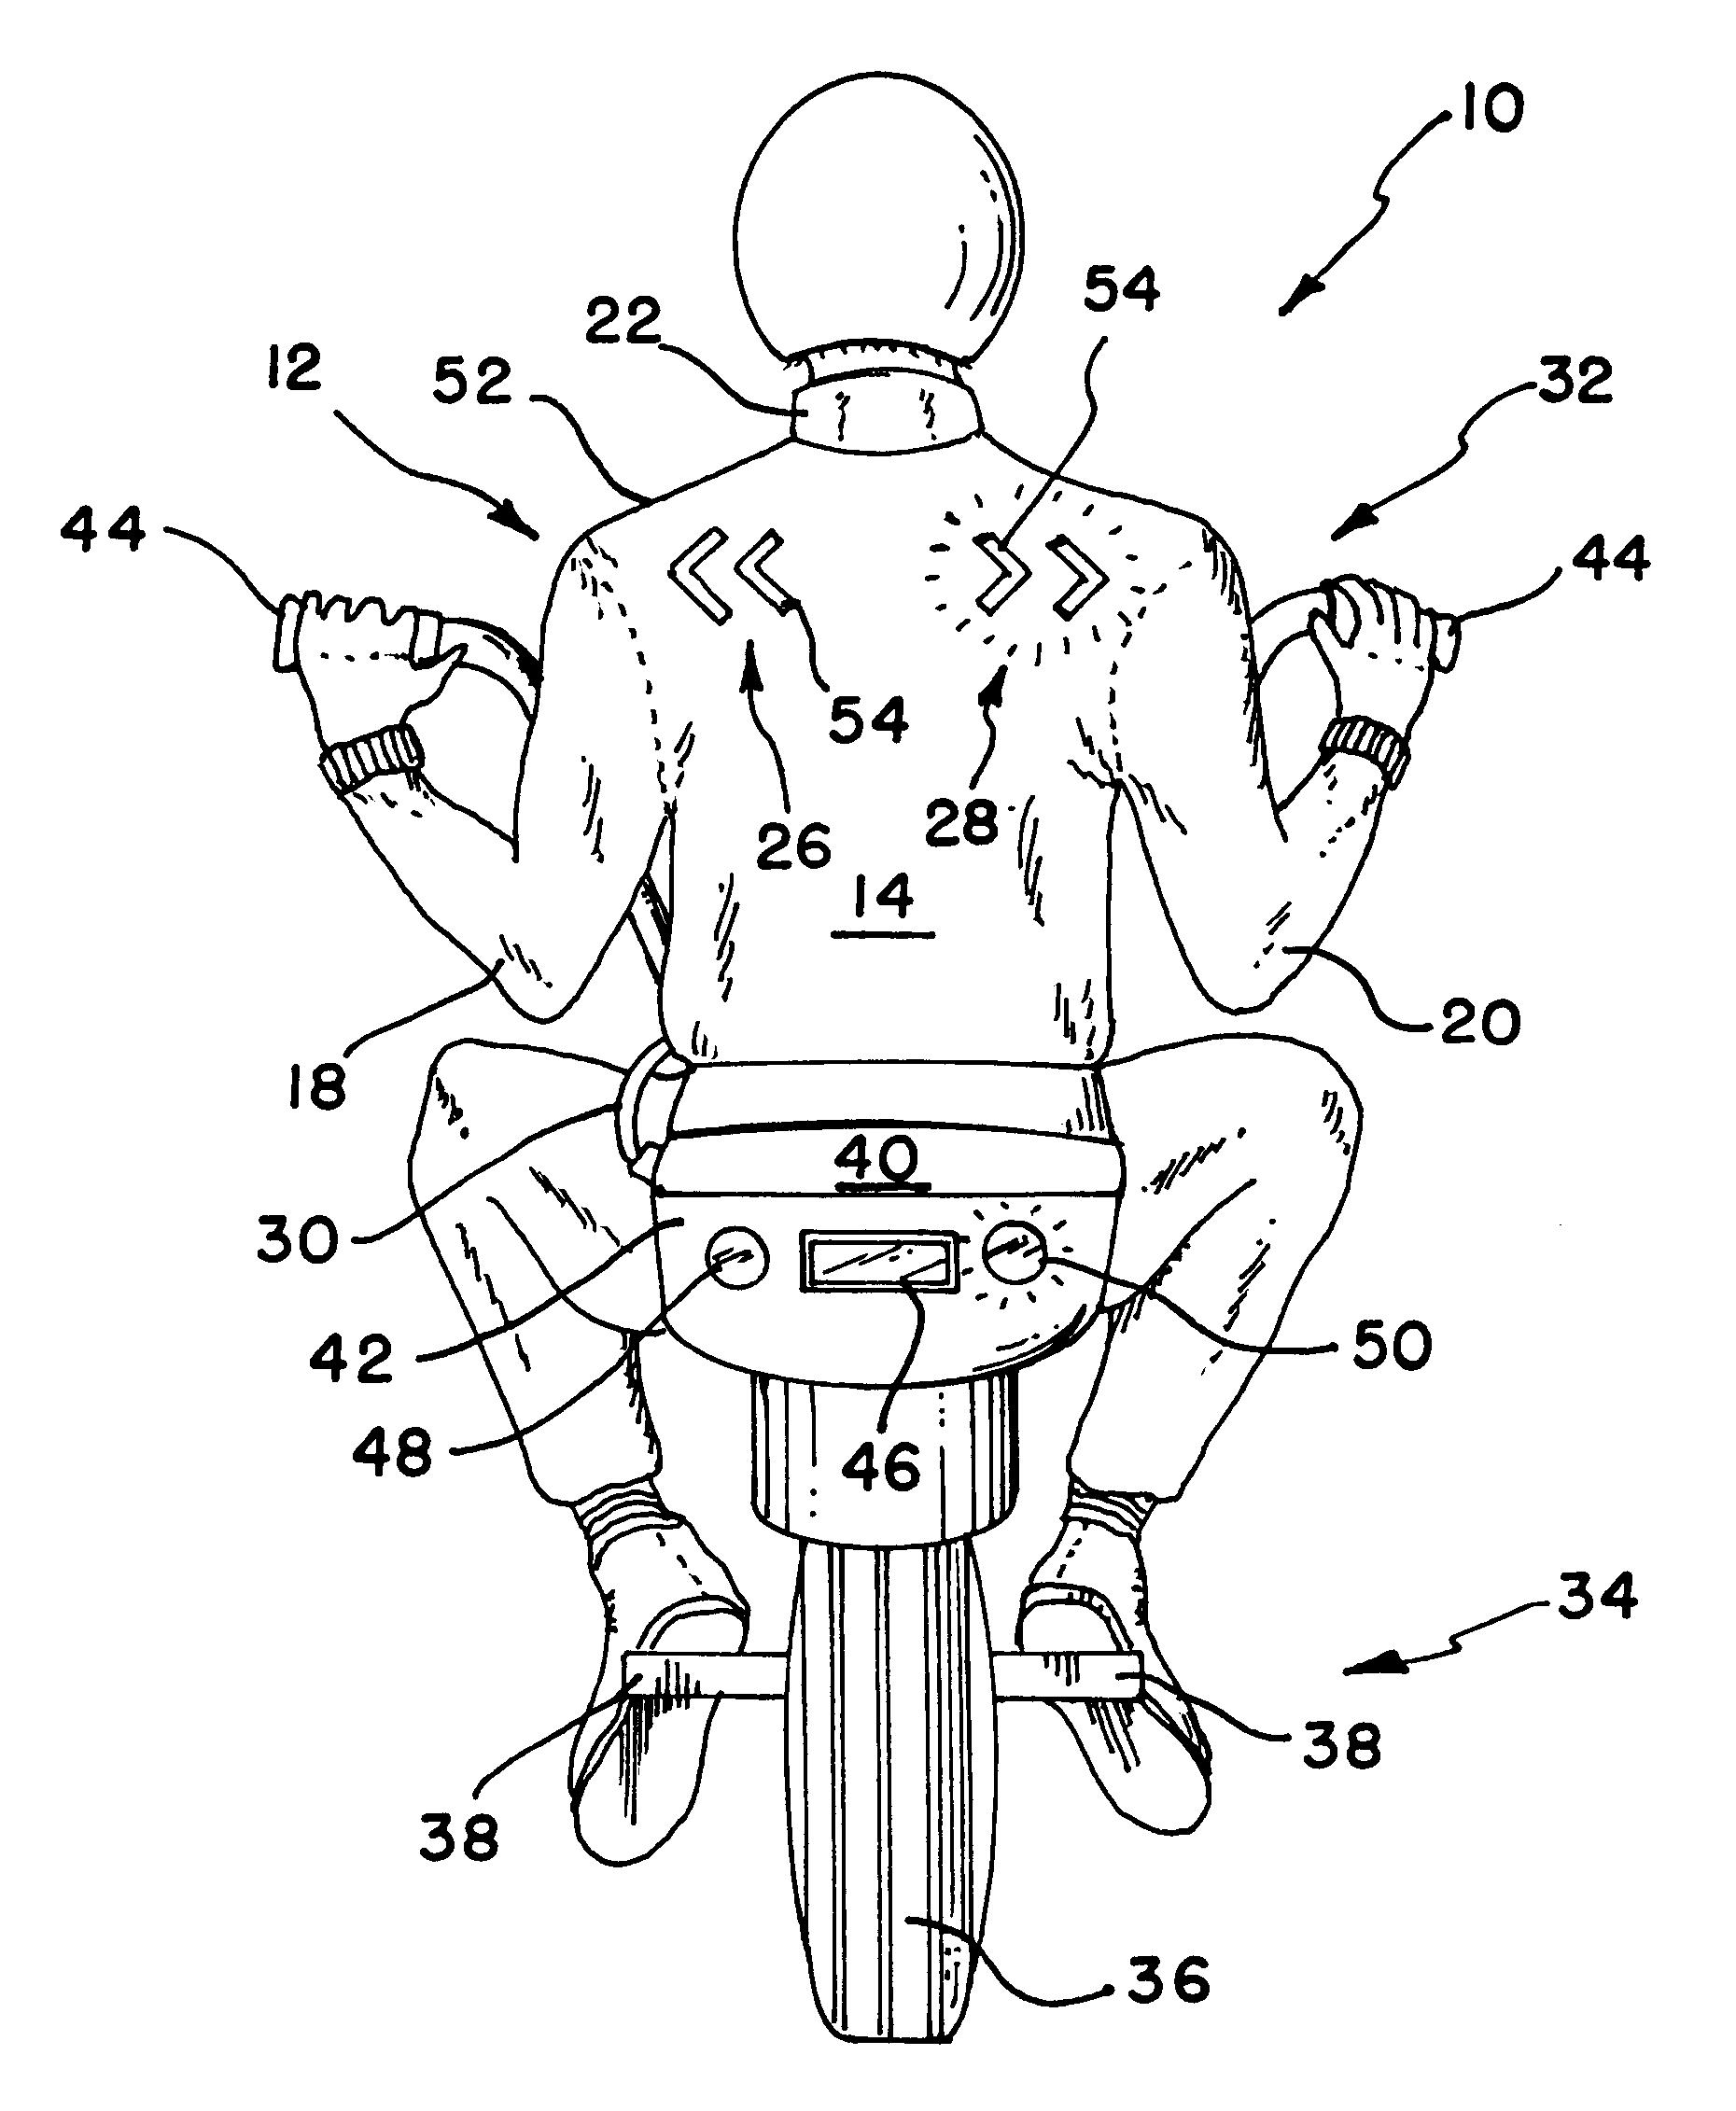 patent us6538567